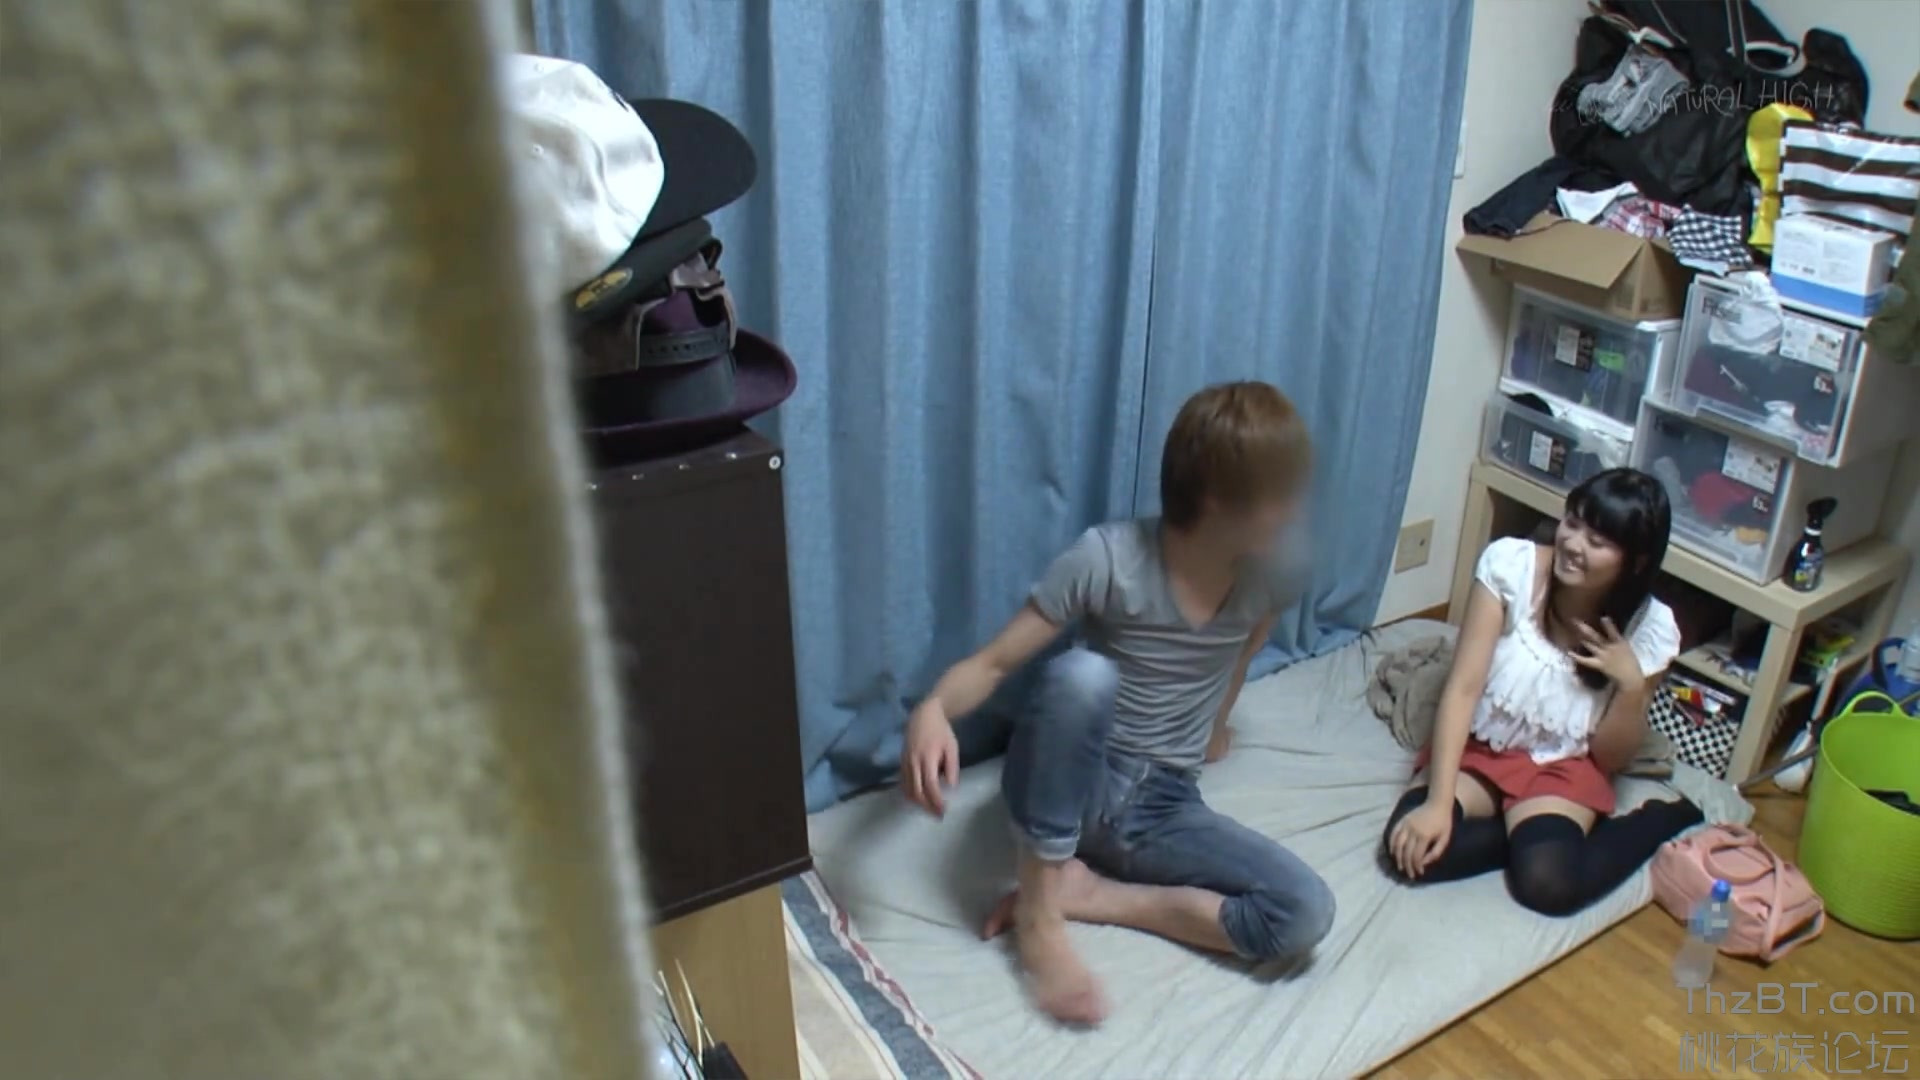 盗撮カメラで連れ込み素人を盗撮